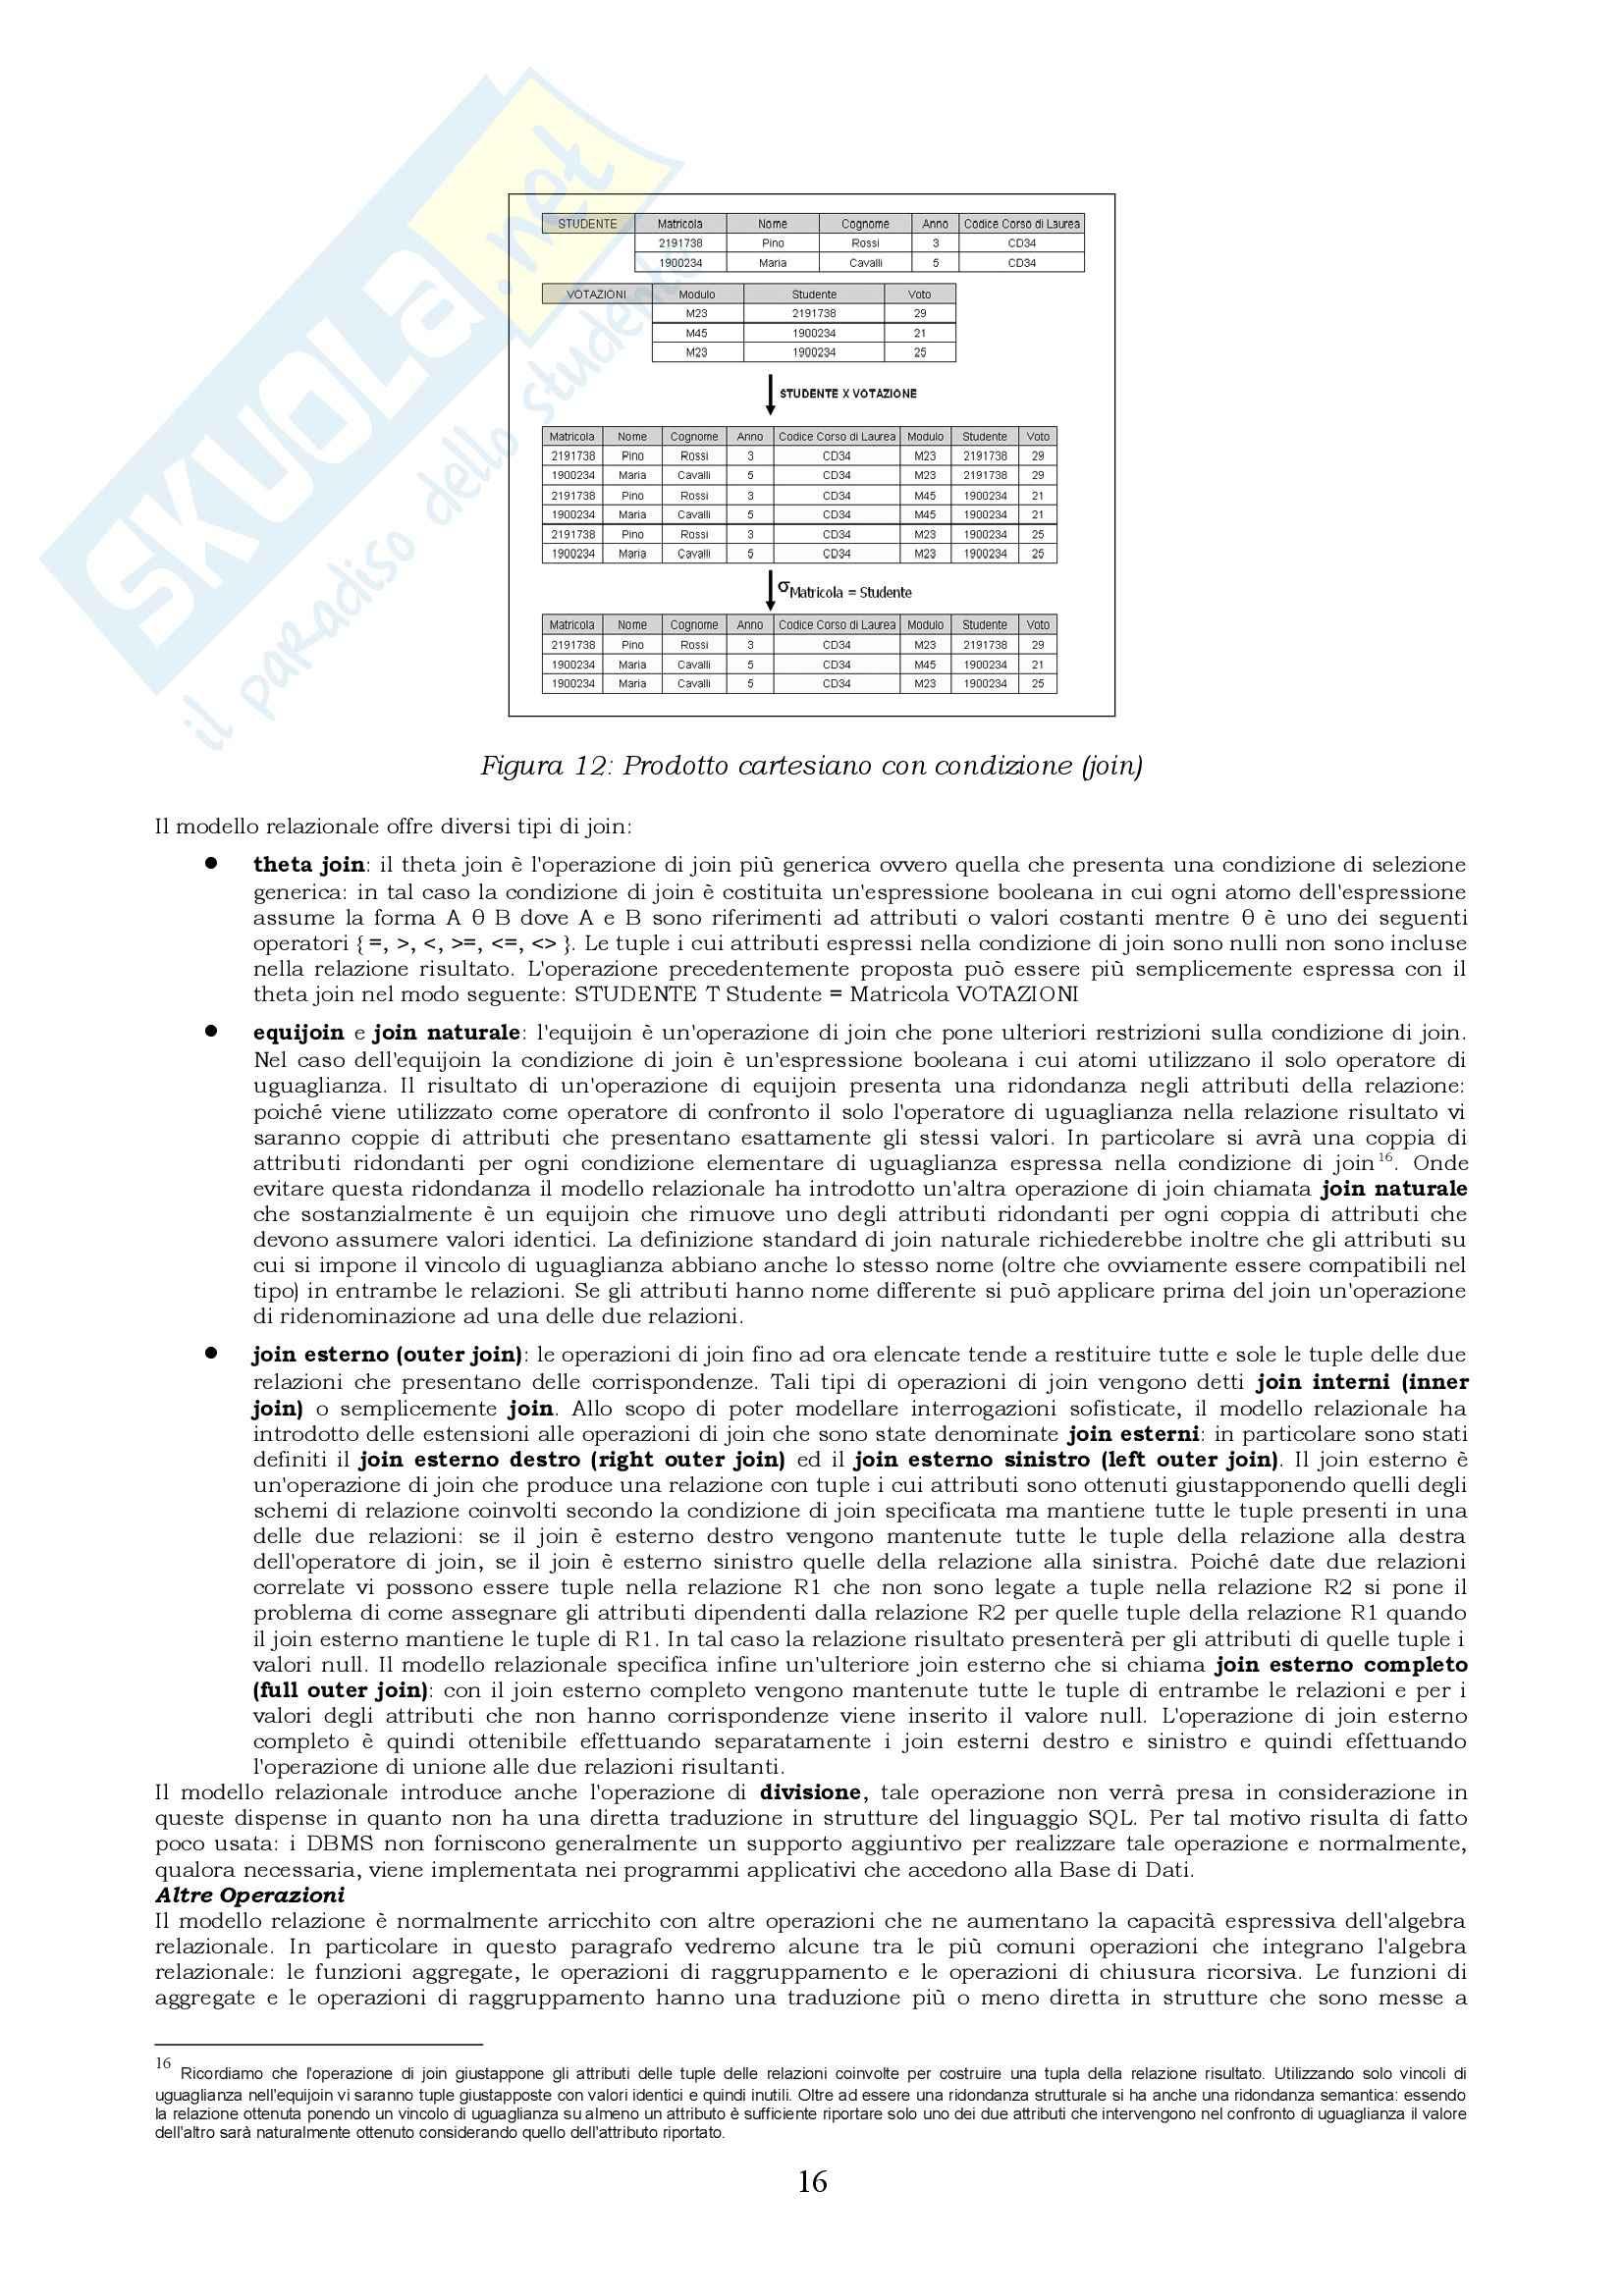 Basi di dati - Riassunto esame, prof. Coccoli Pag. 16